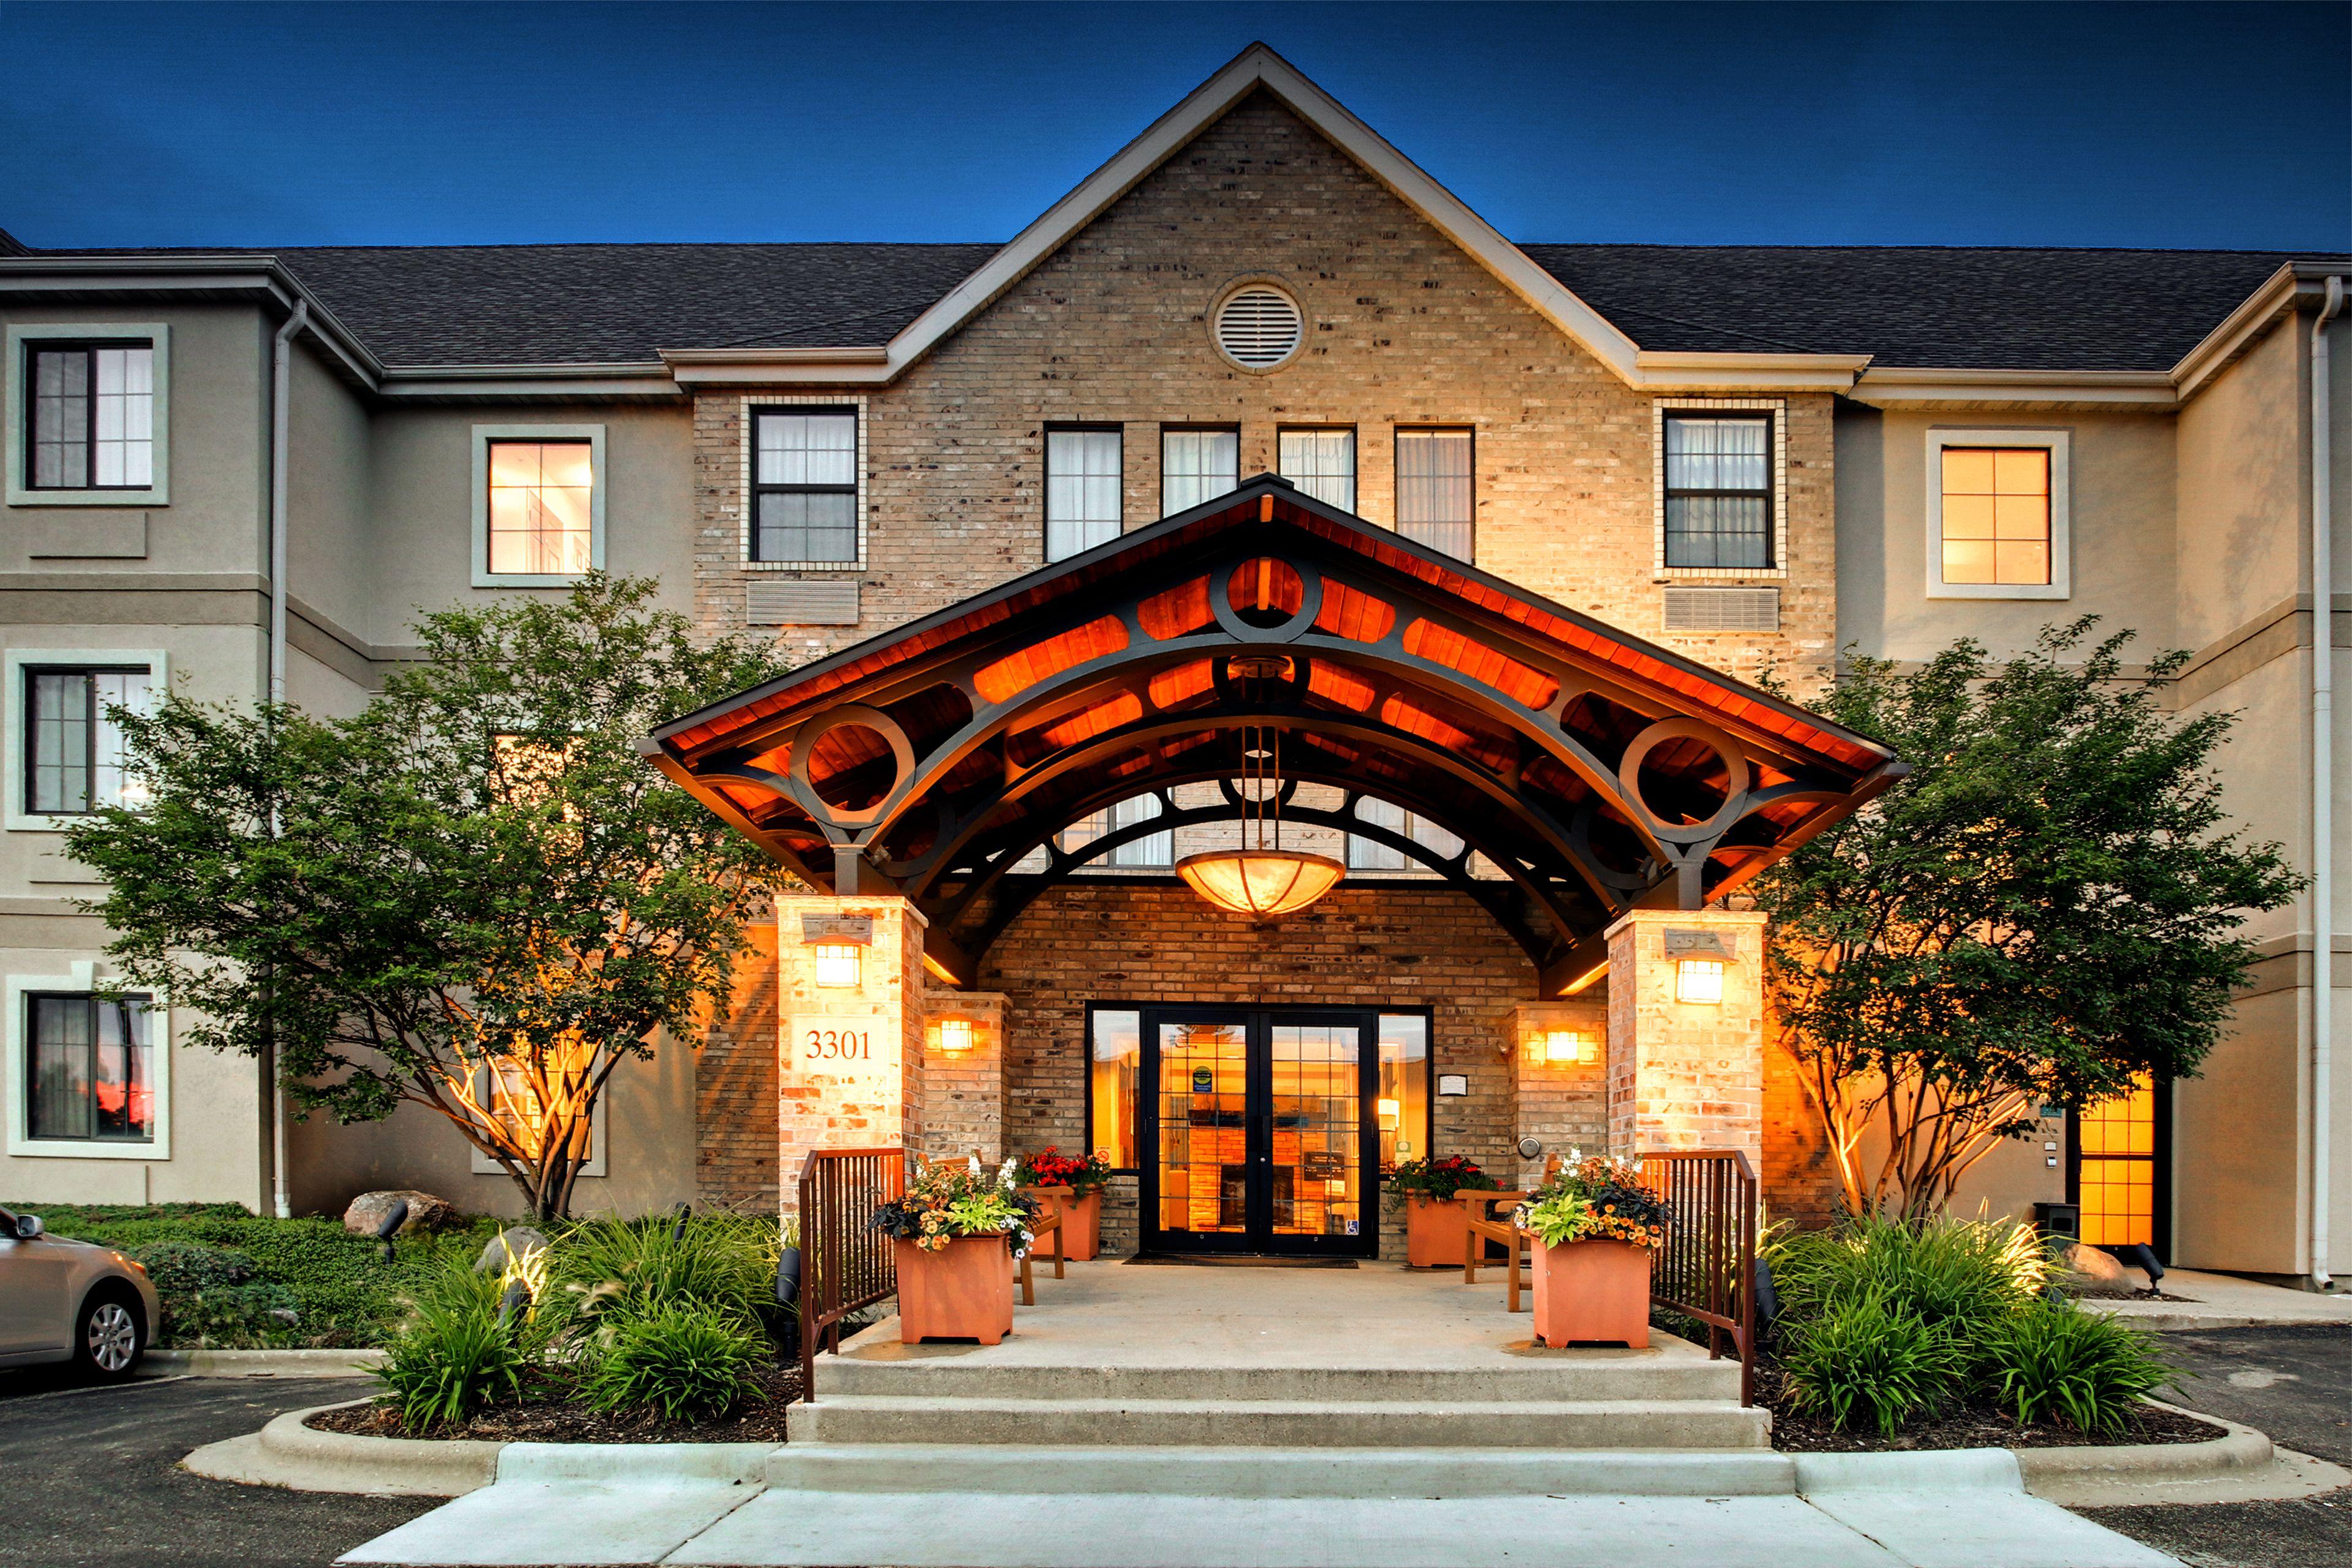 staybridge-suites-madison-4001689692-original.jpg